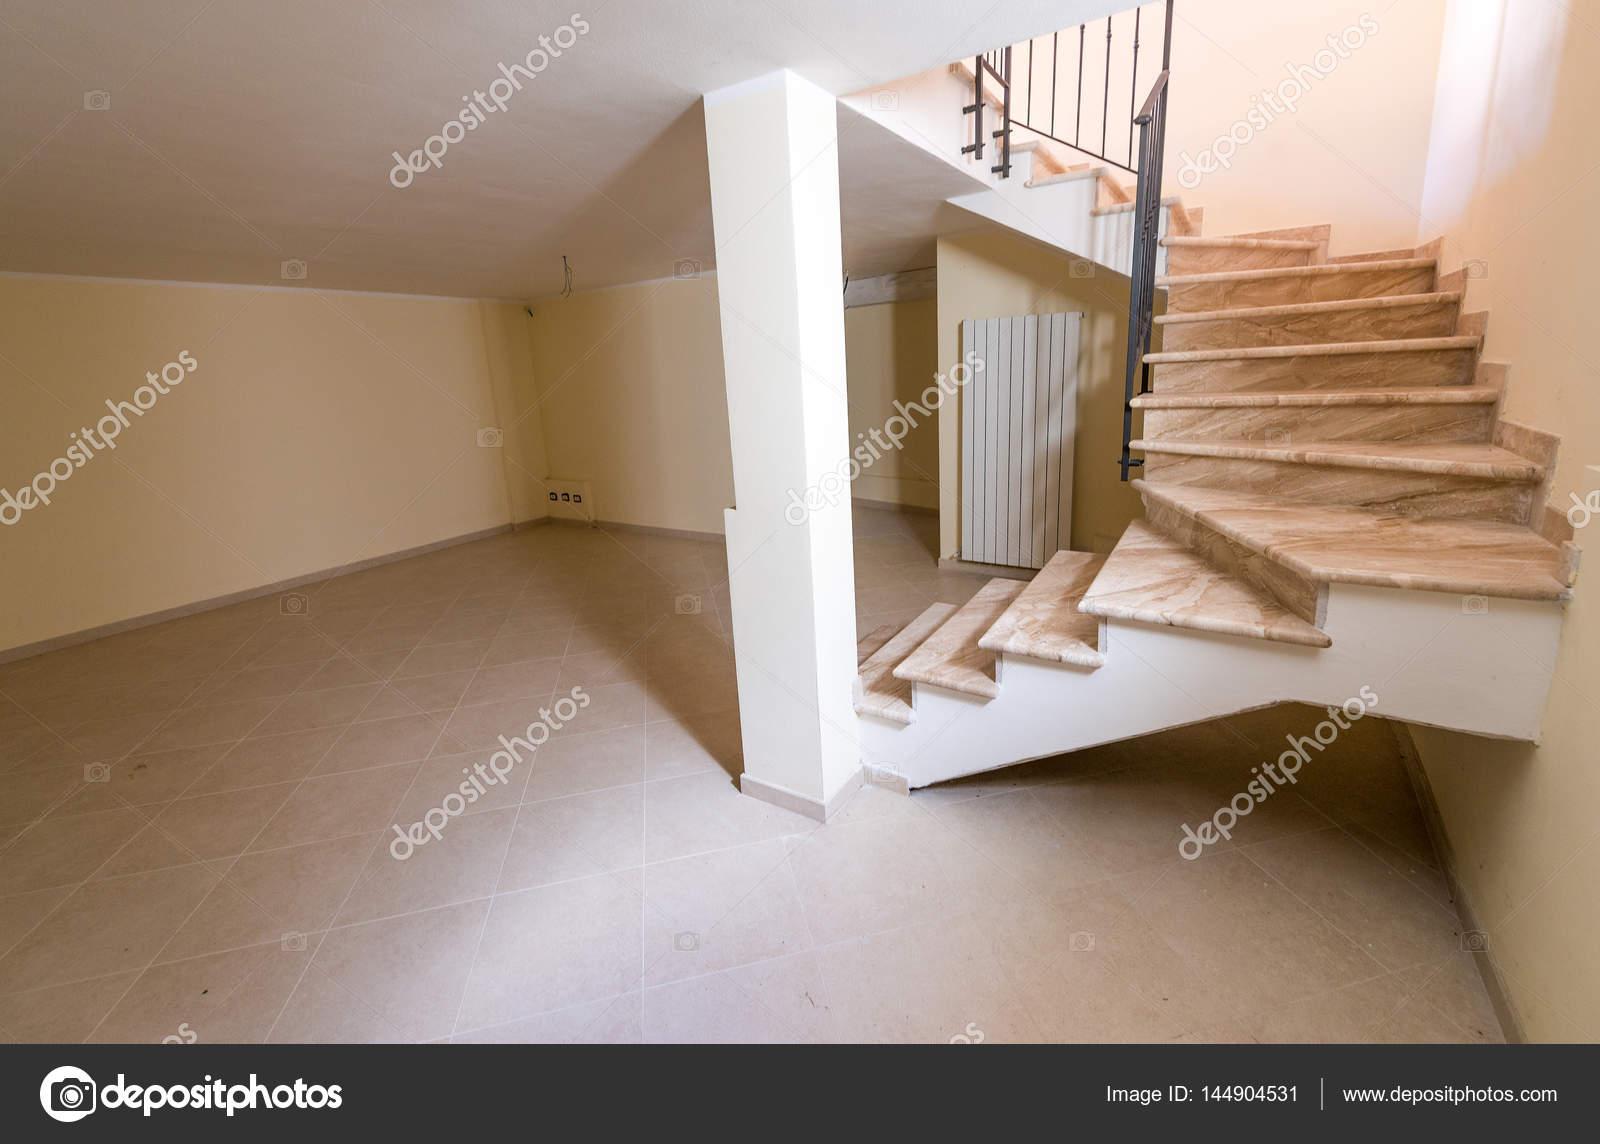 escalier menant au sous sol photographie jovannig 144904531. Black Bedroom Furniture Sets. Home Design Ideas